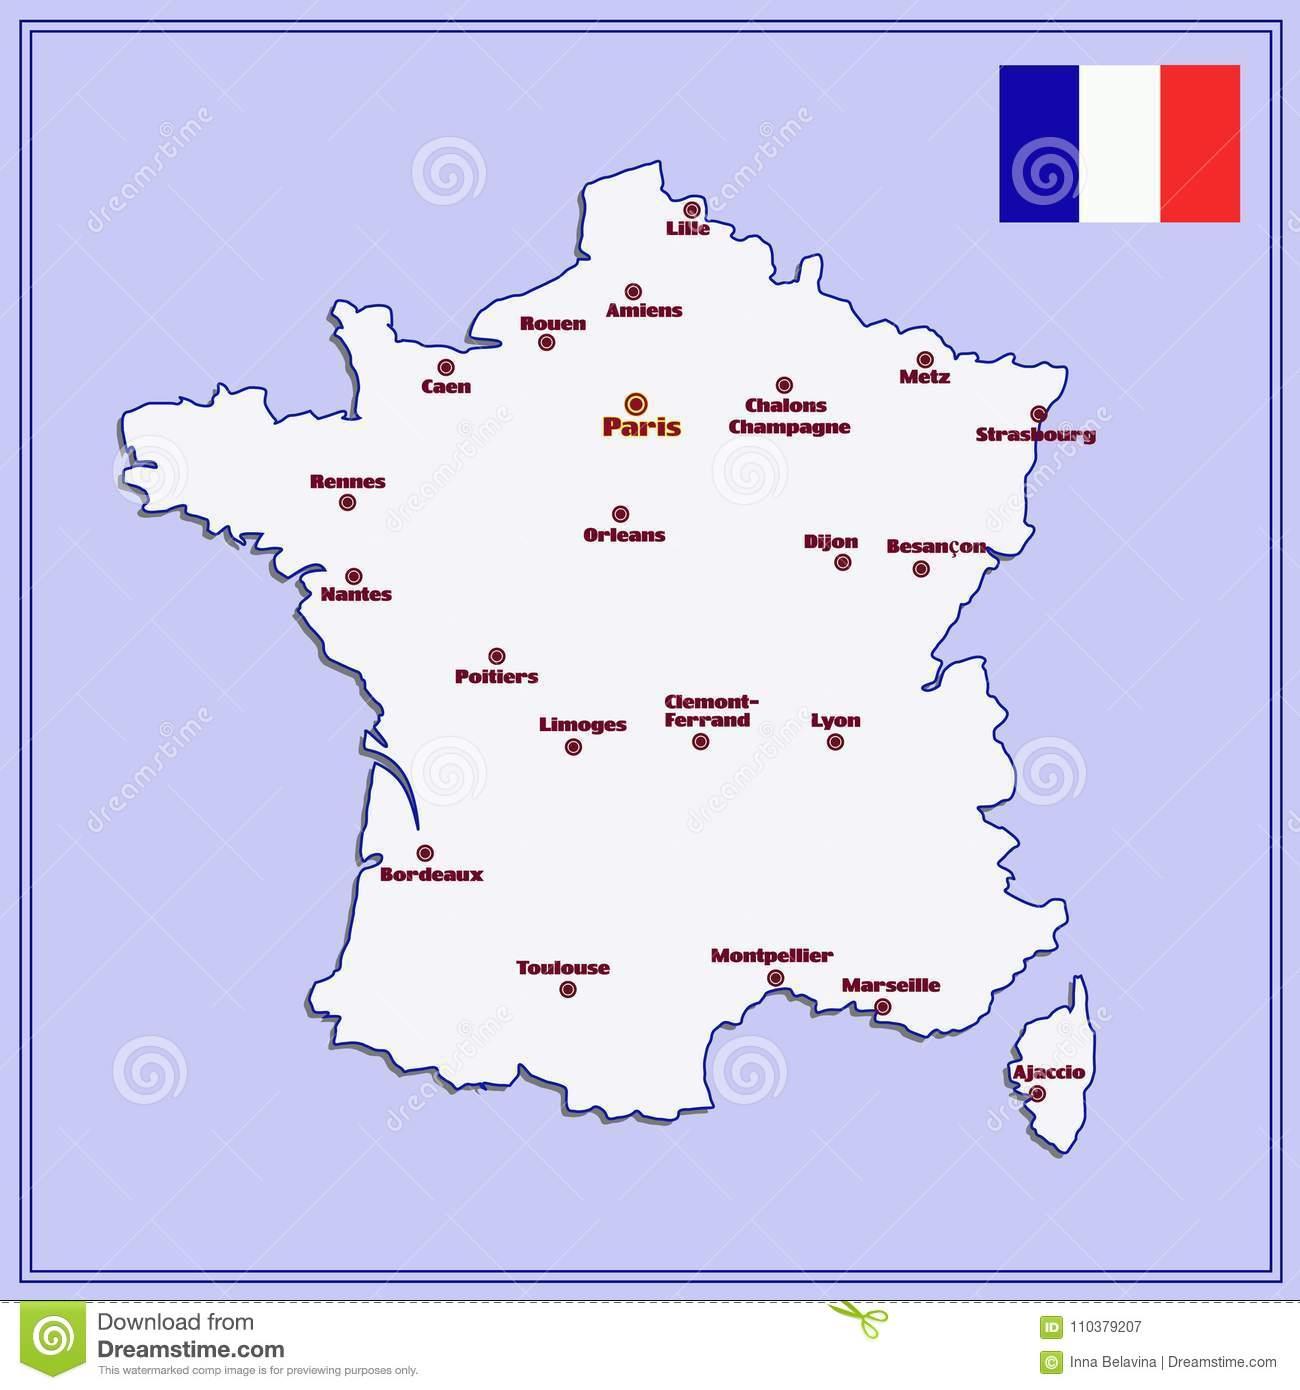 Carte Des Frances Avec De Grandes Villes Illustration Stock pour Carte De La France Avec Les Grandes Villes